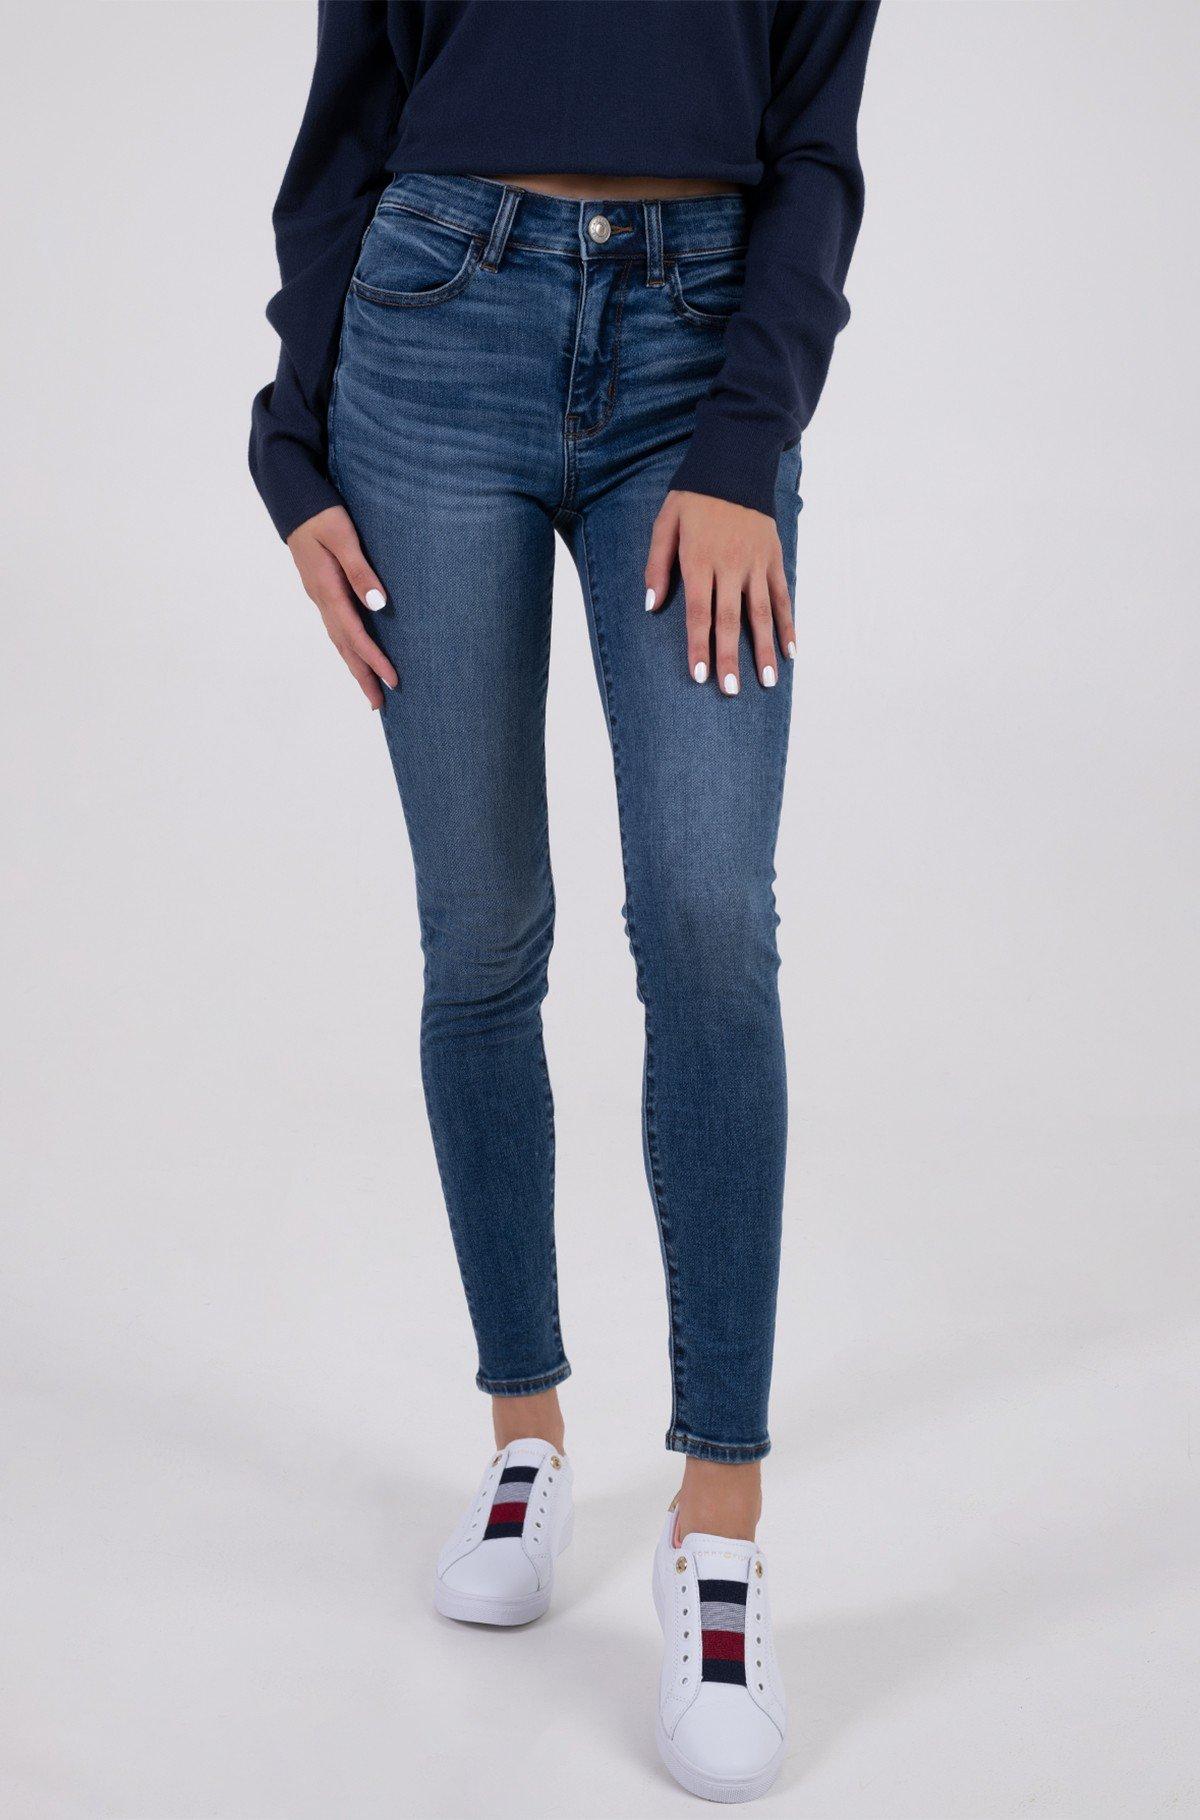 Jeans 043-0433-2396-full-1